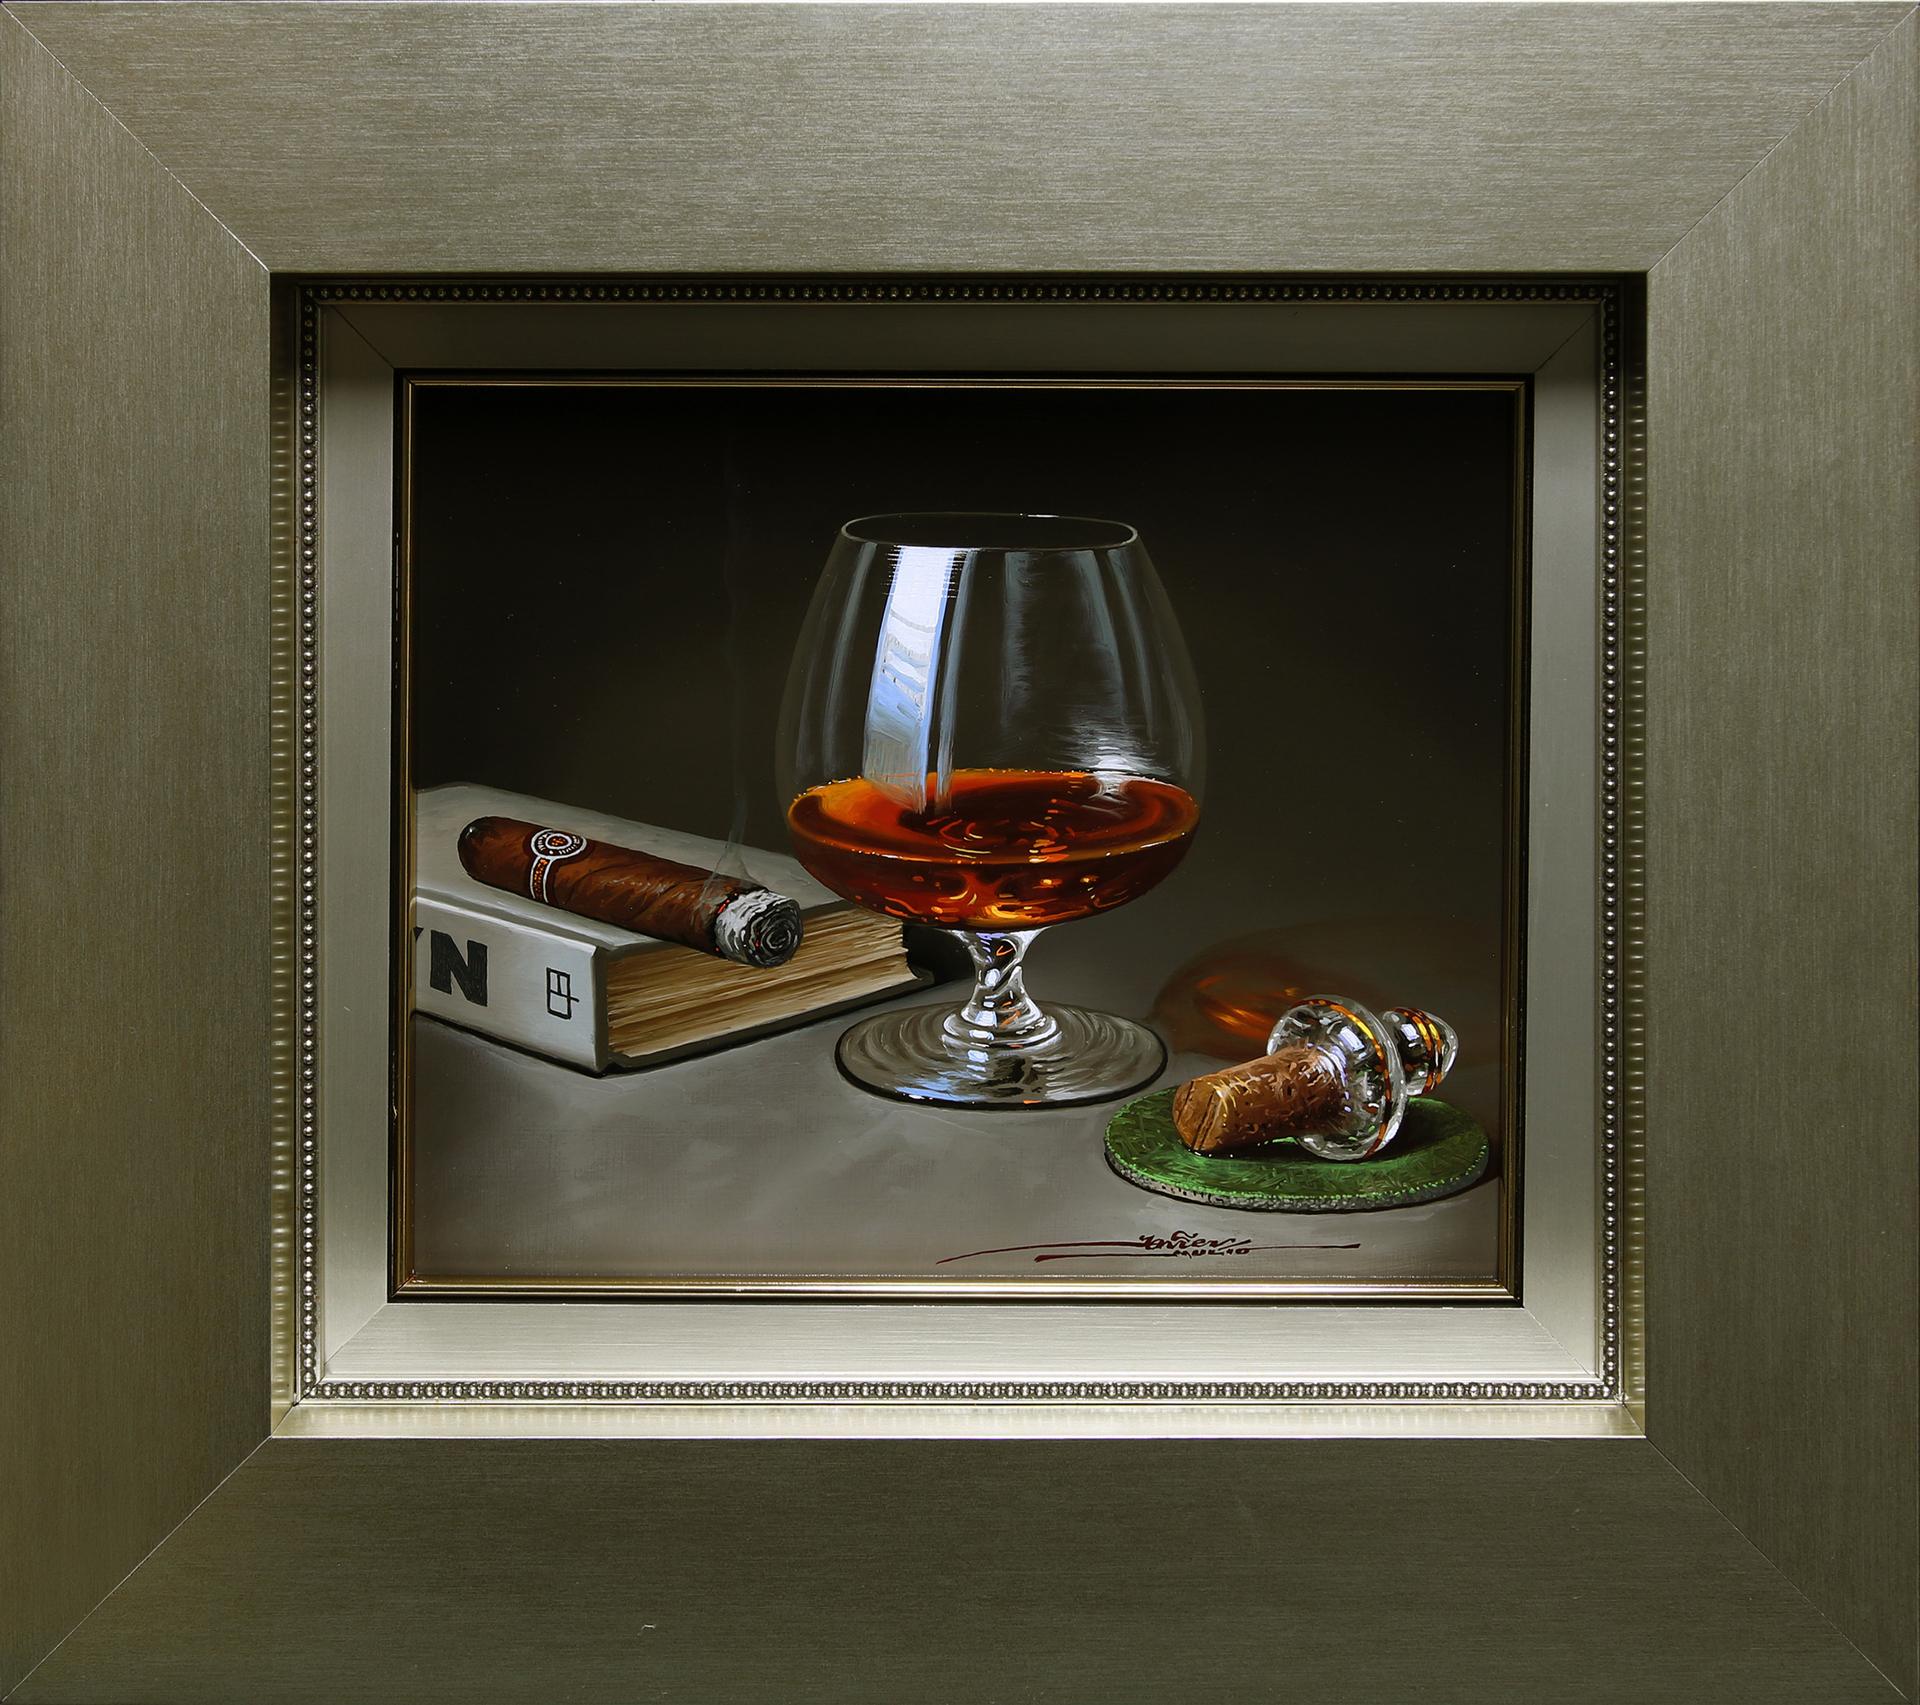 Of Discerning Taste by Javier Mulio